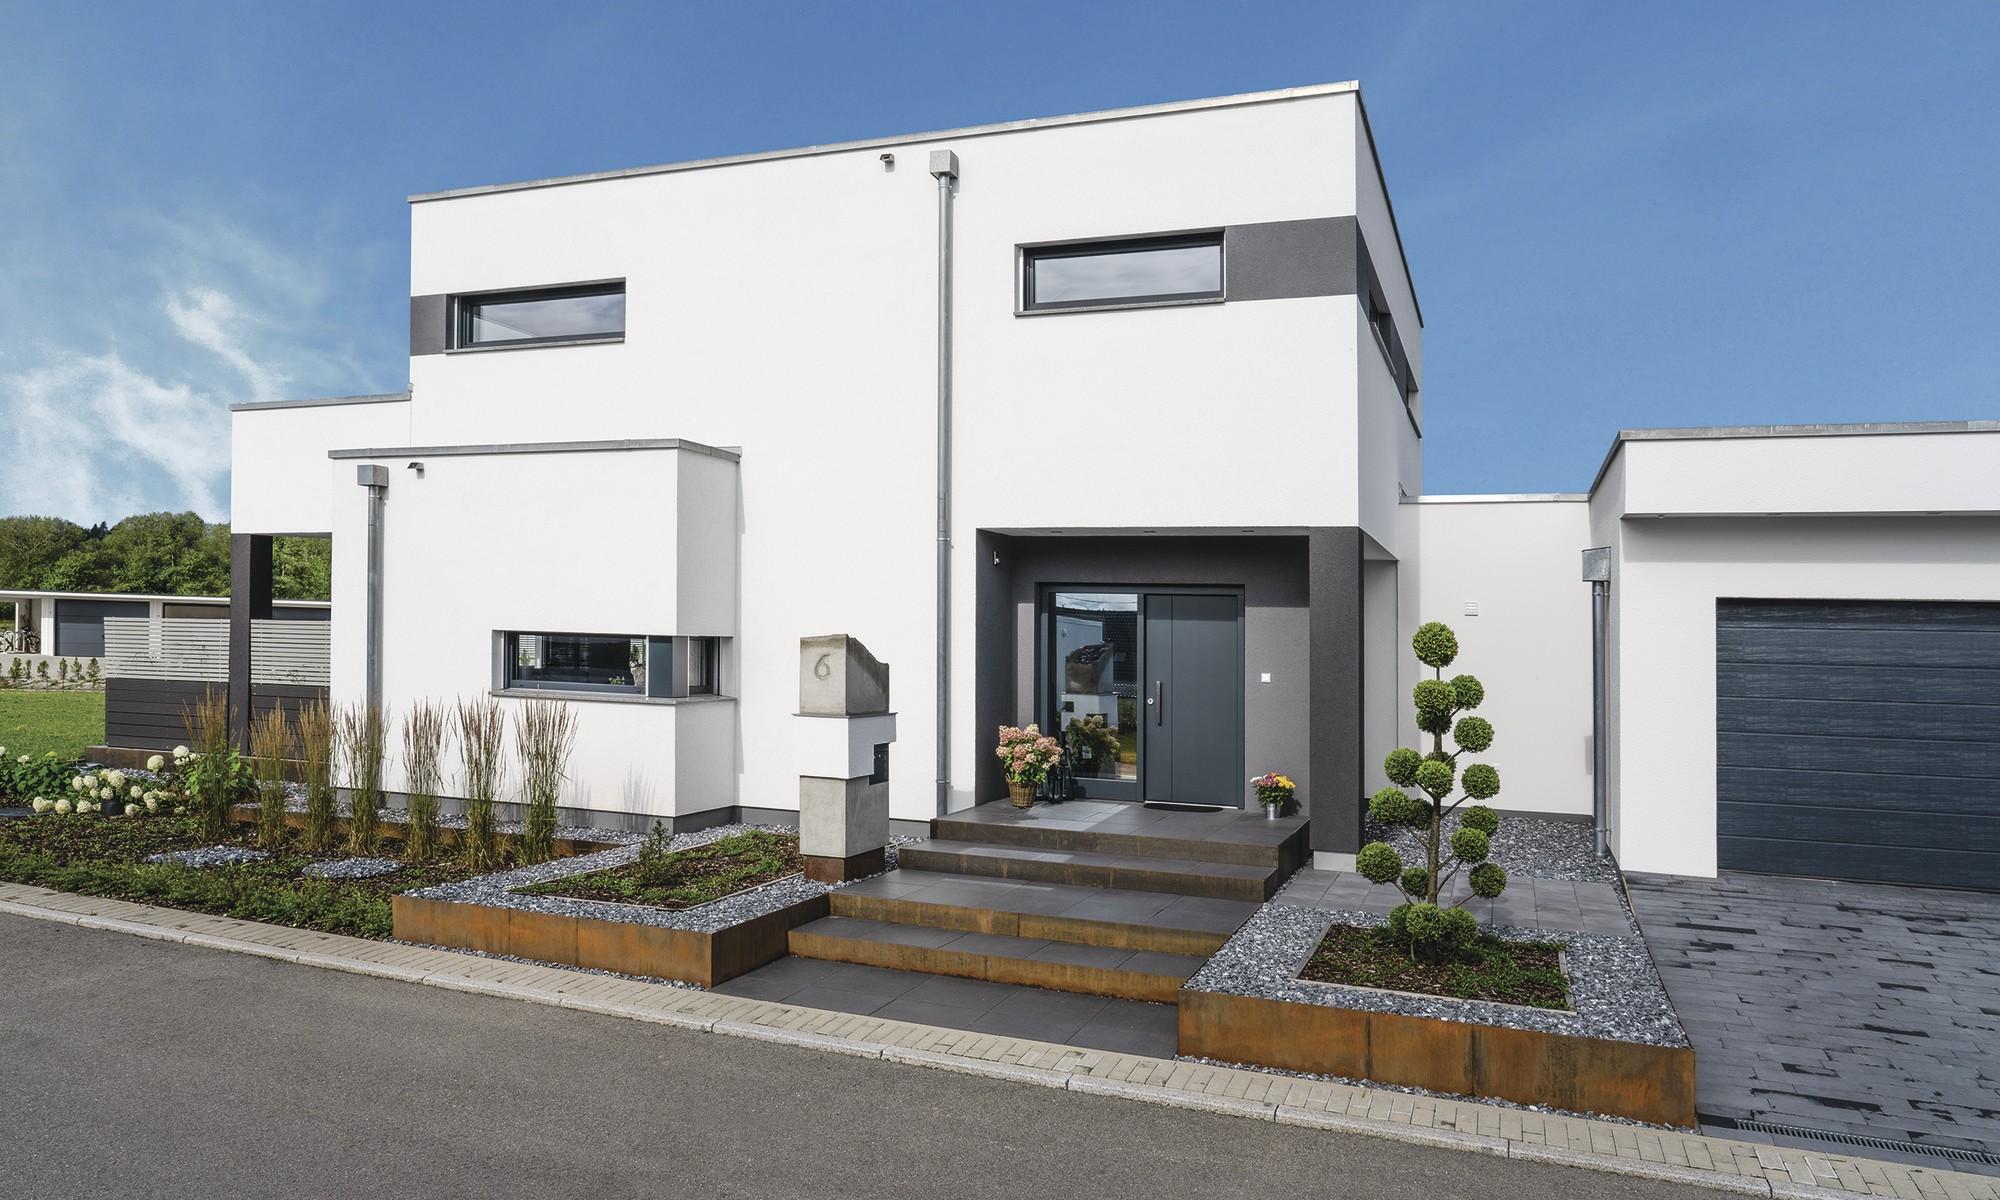 WeberHaus - Einfamilienhaus - kubistisch und modern - Flachdach